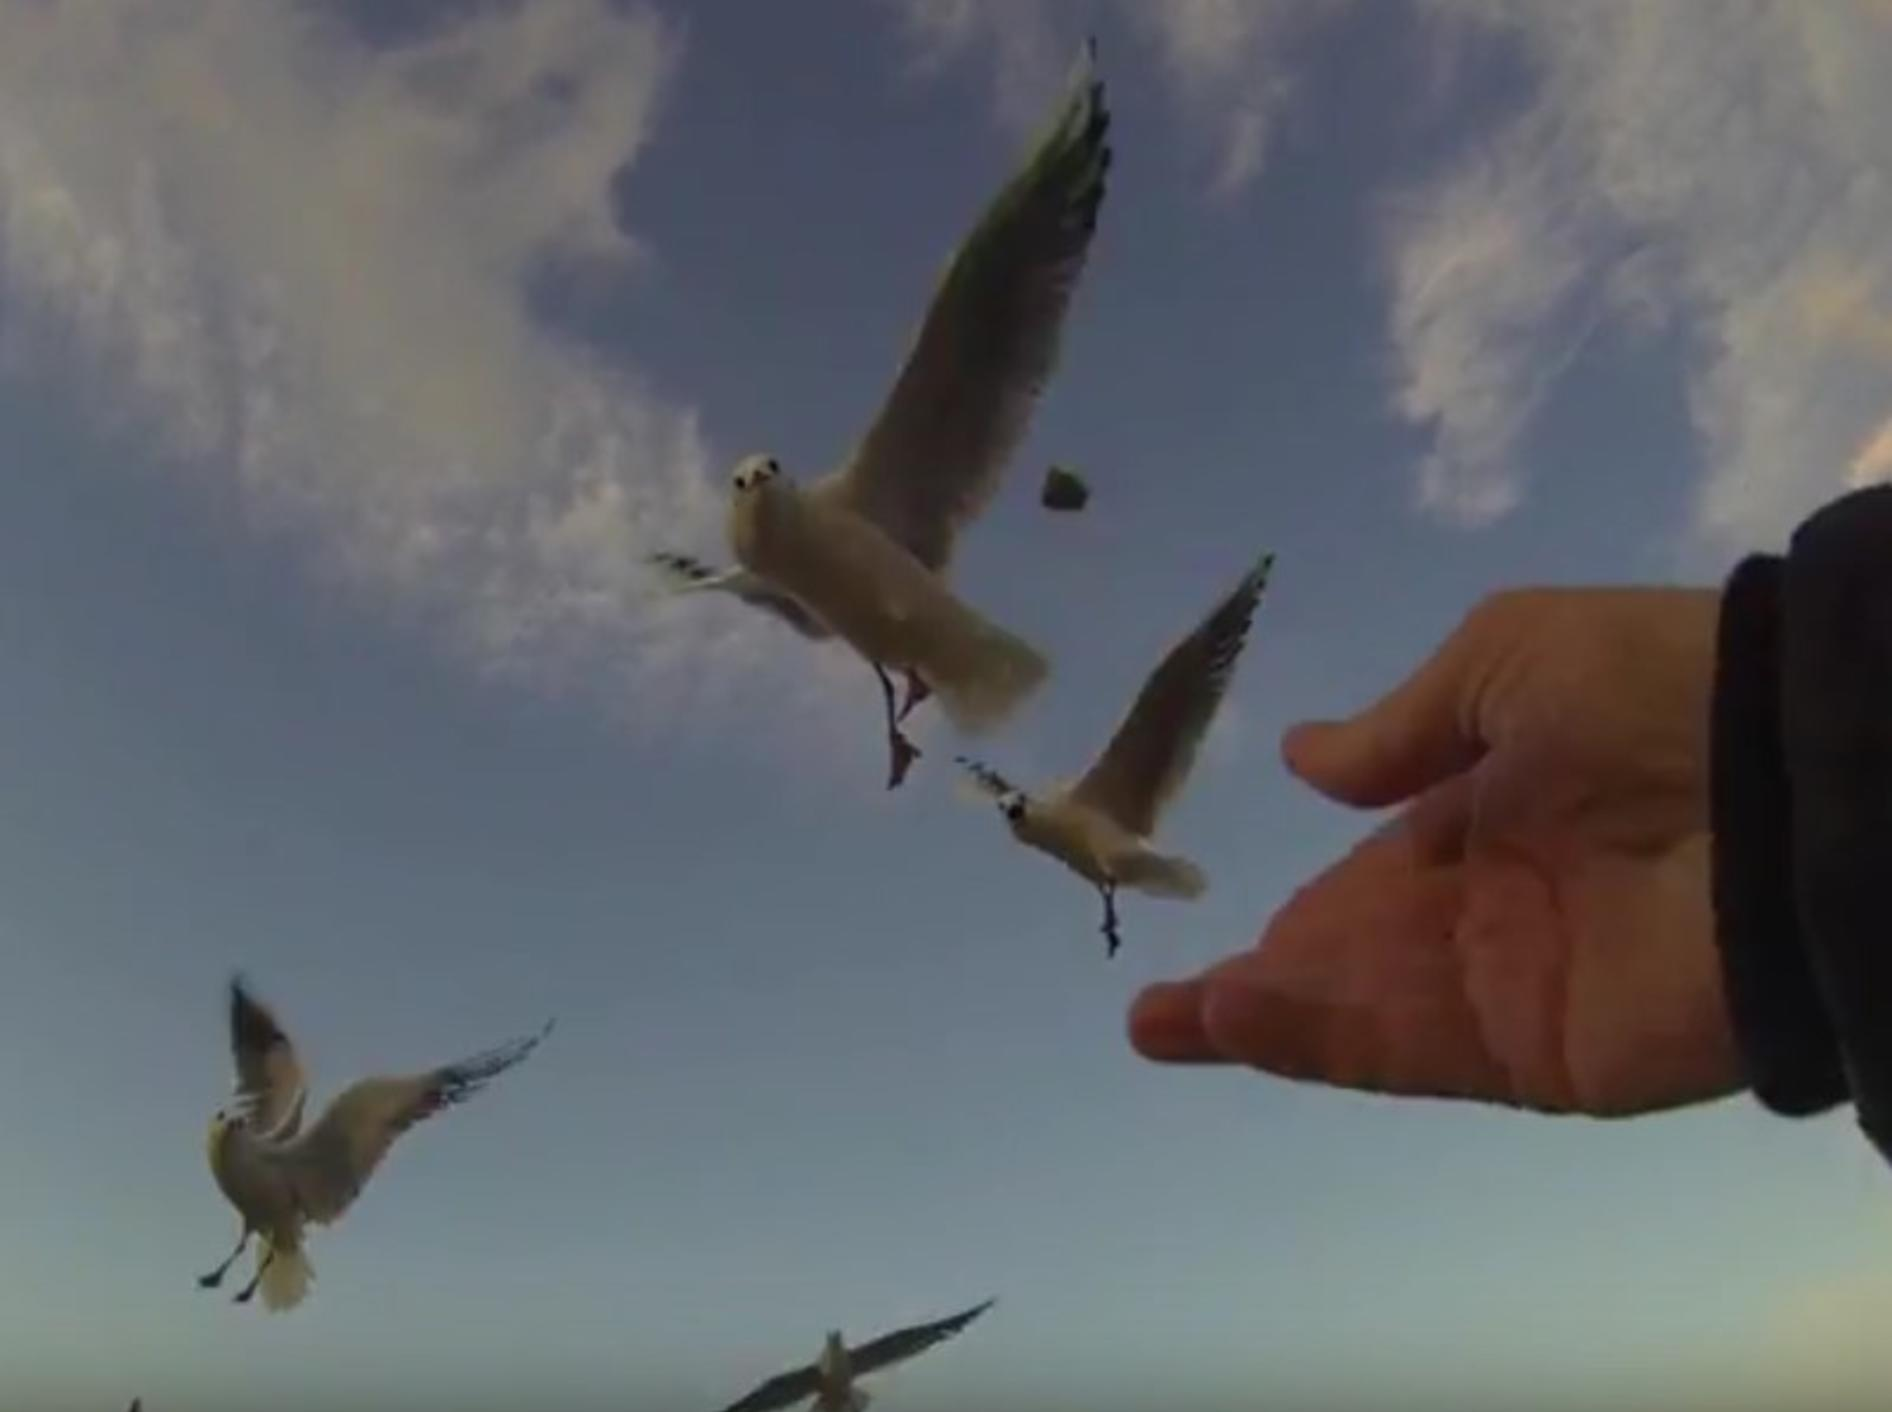 Fast unwirklich schweben die Möwen in Zeitlupe am Himmel – YouTube / mbhsug